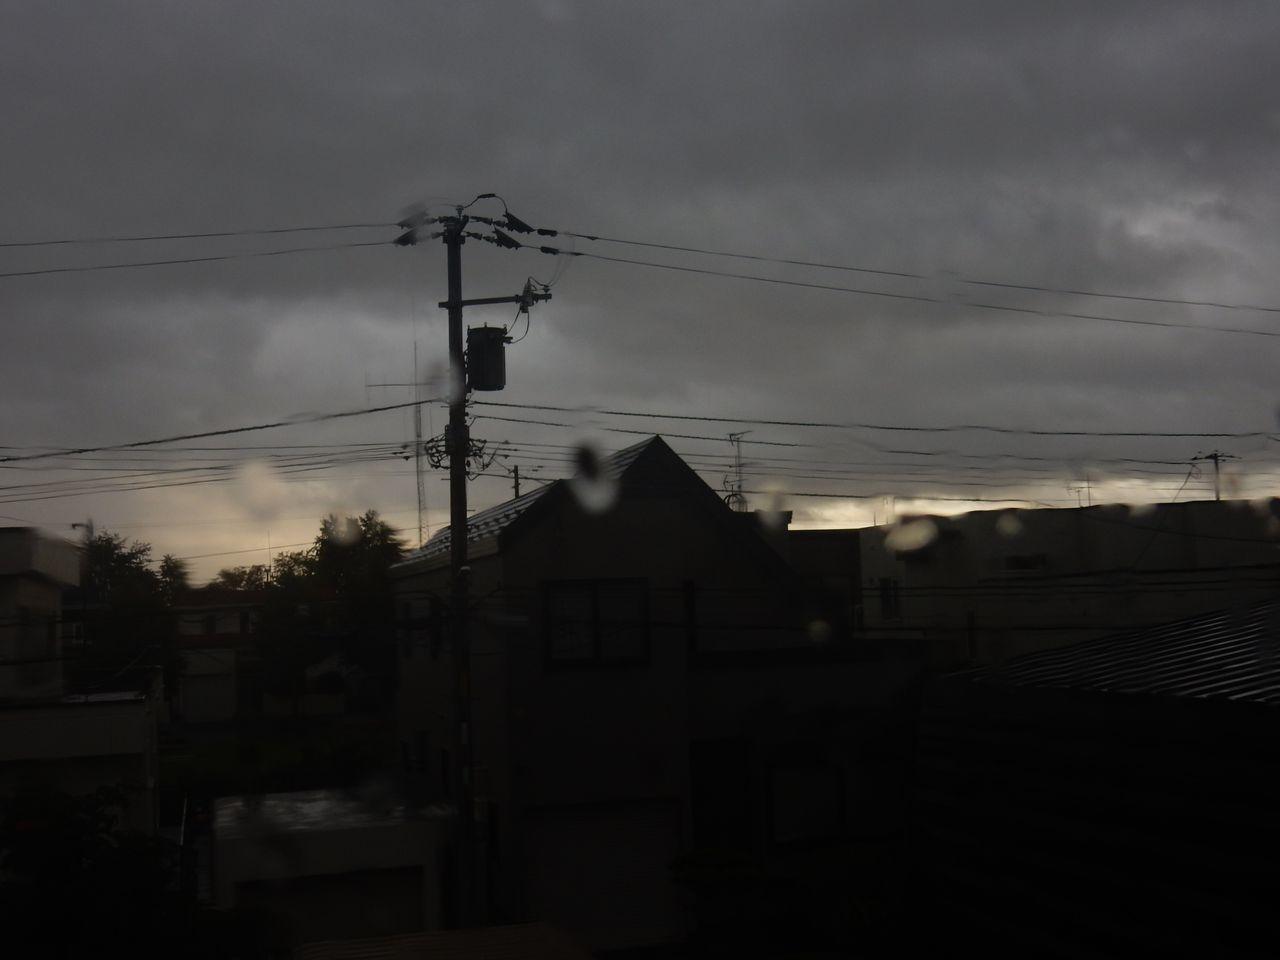 朝寒く、昼もそれなりに寒く_c0025115_21534446.jpg